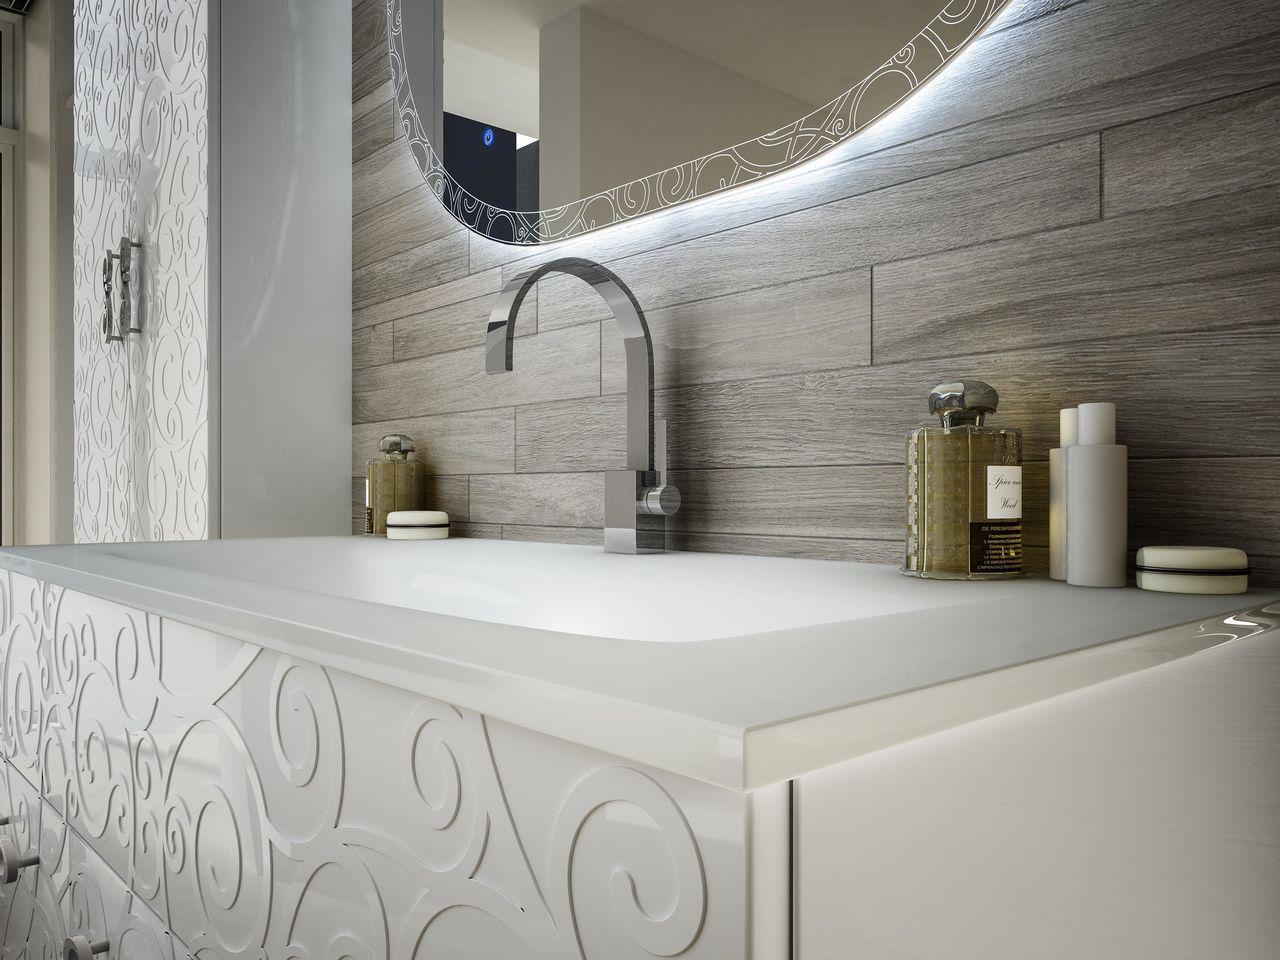 Mobile arredo da bagno milos sospeso 100 cm bianco nero for Arredo bagno bianco